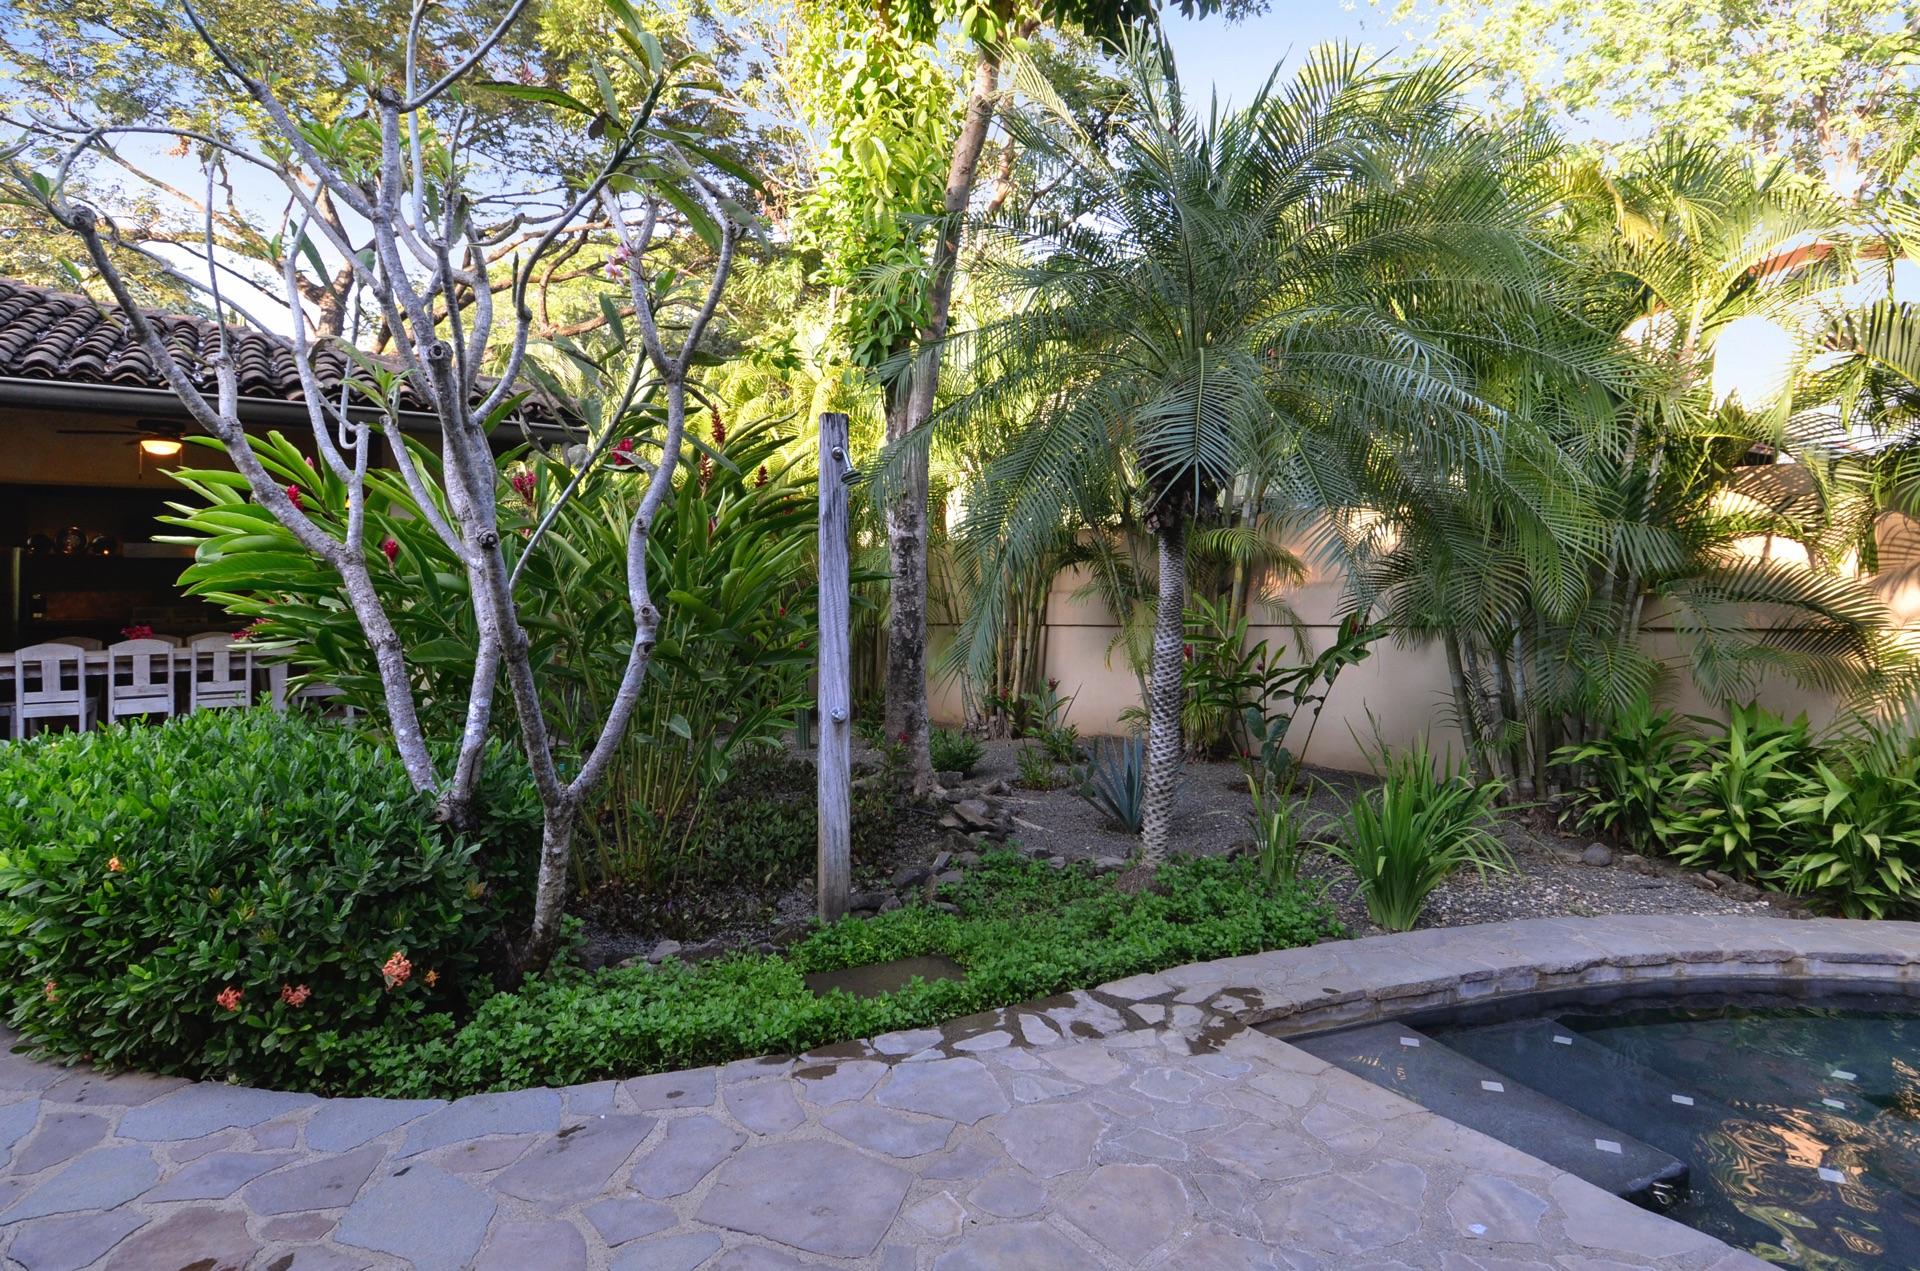 Tropical garden area at Hacienda del Pacifico